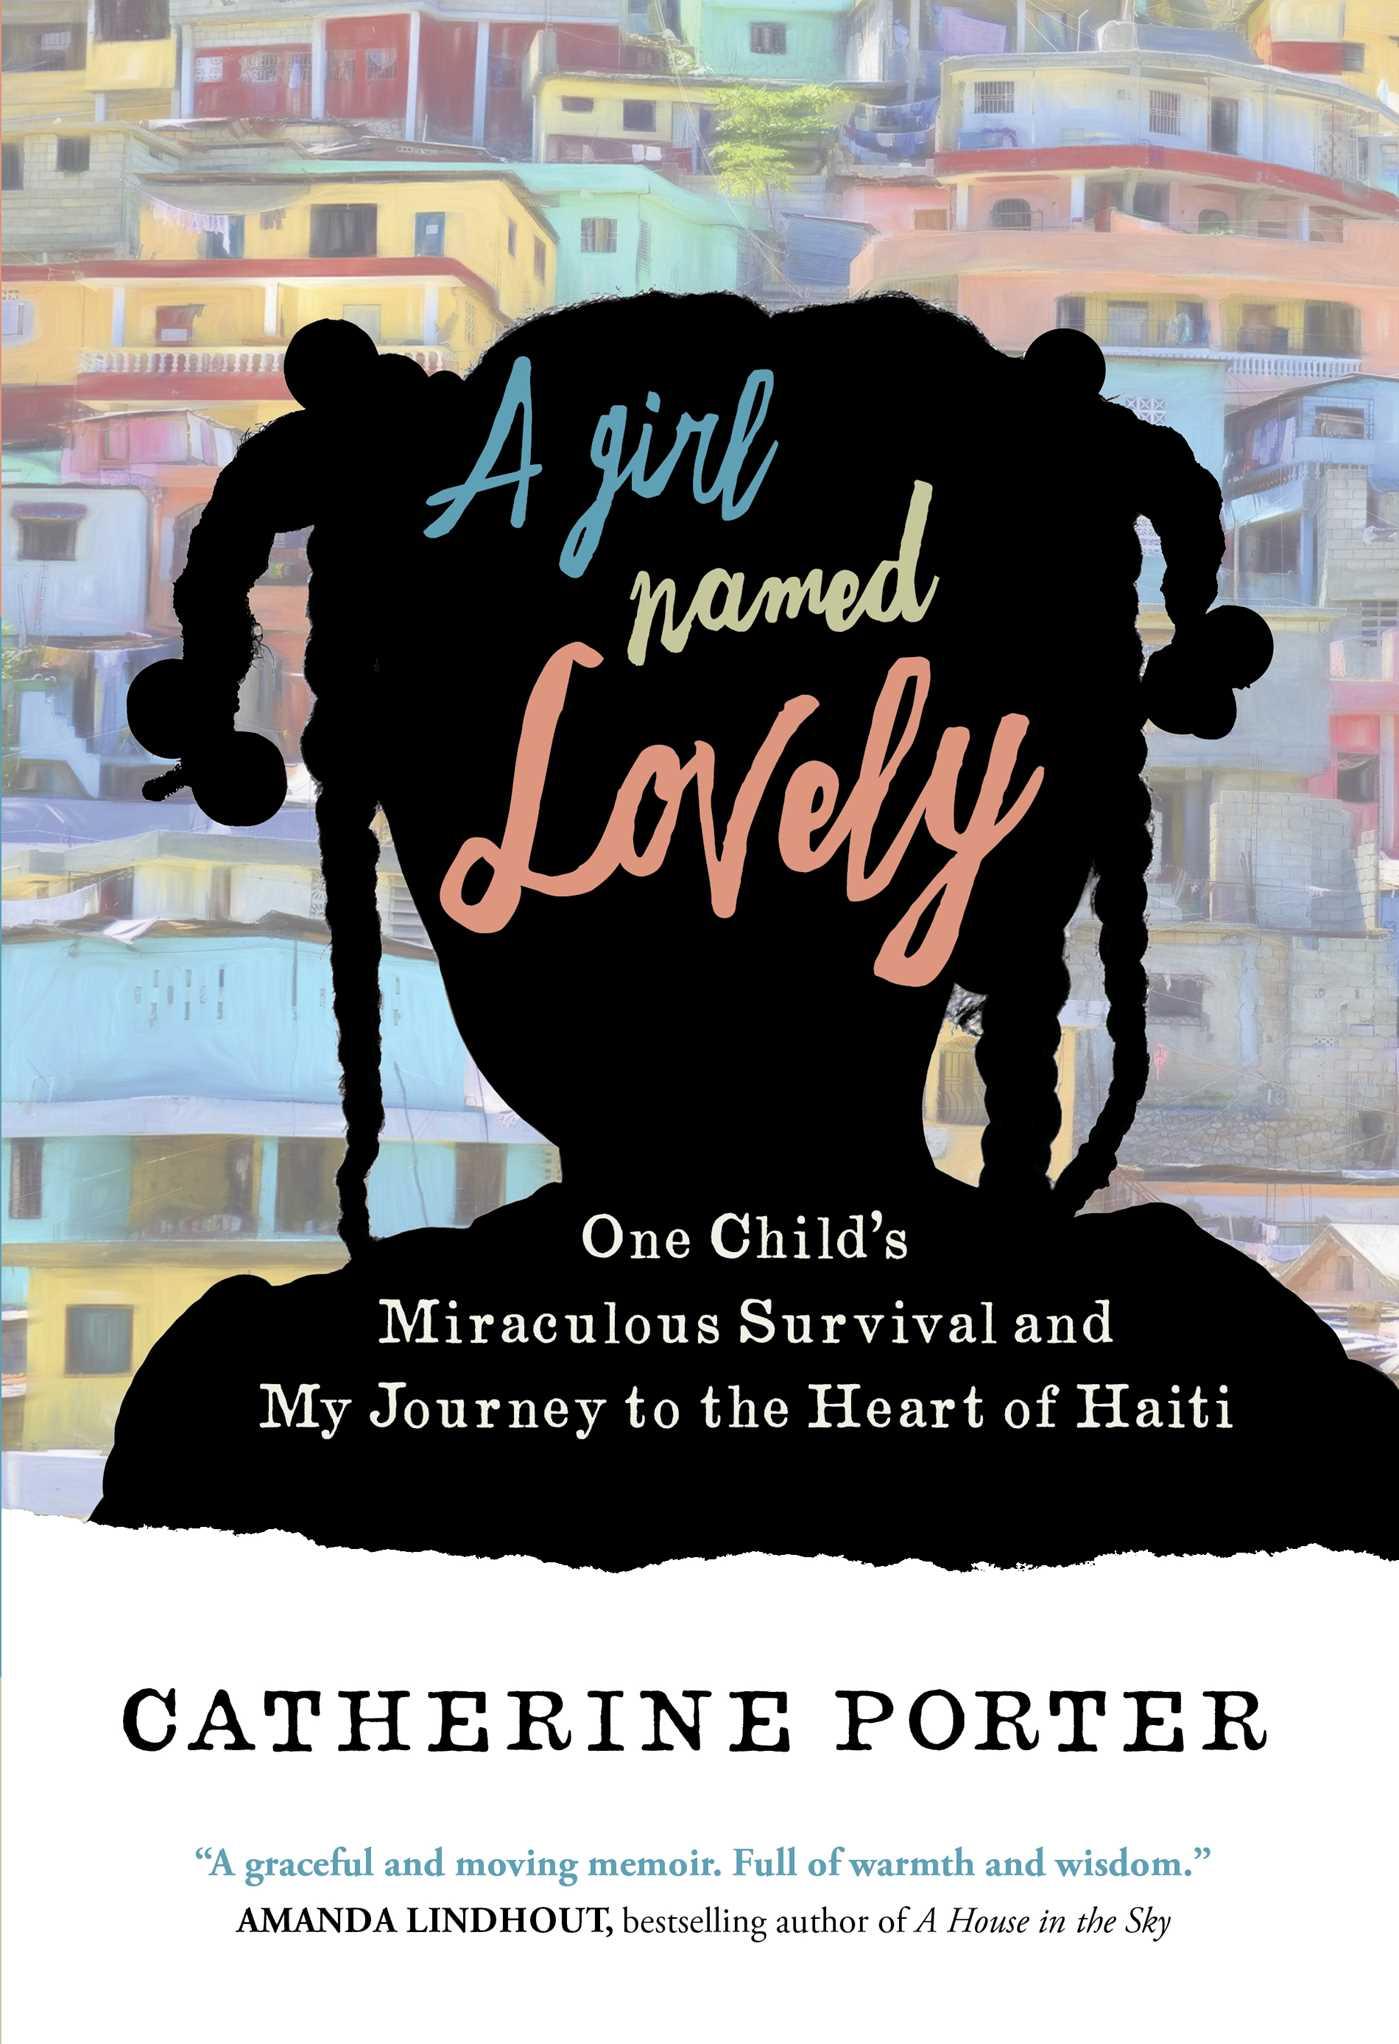 Book Cover Image (jpg): A Girl Named Lovely